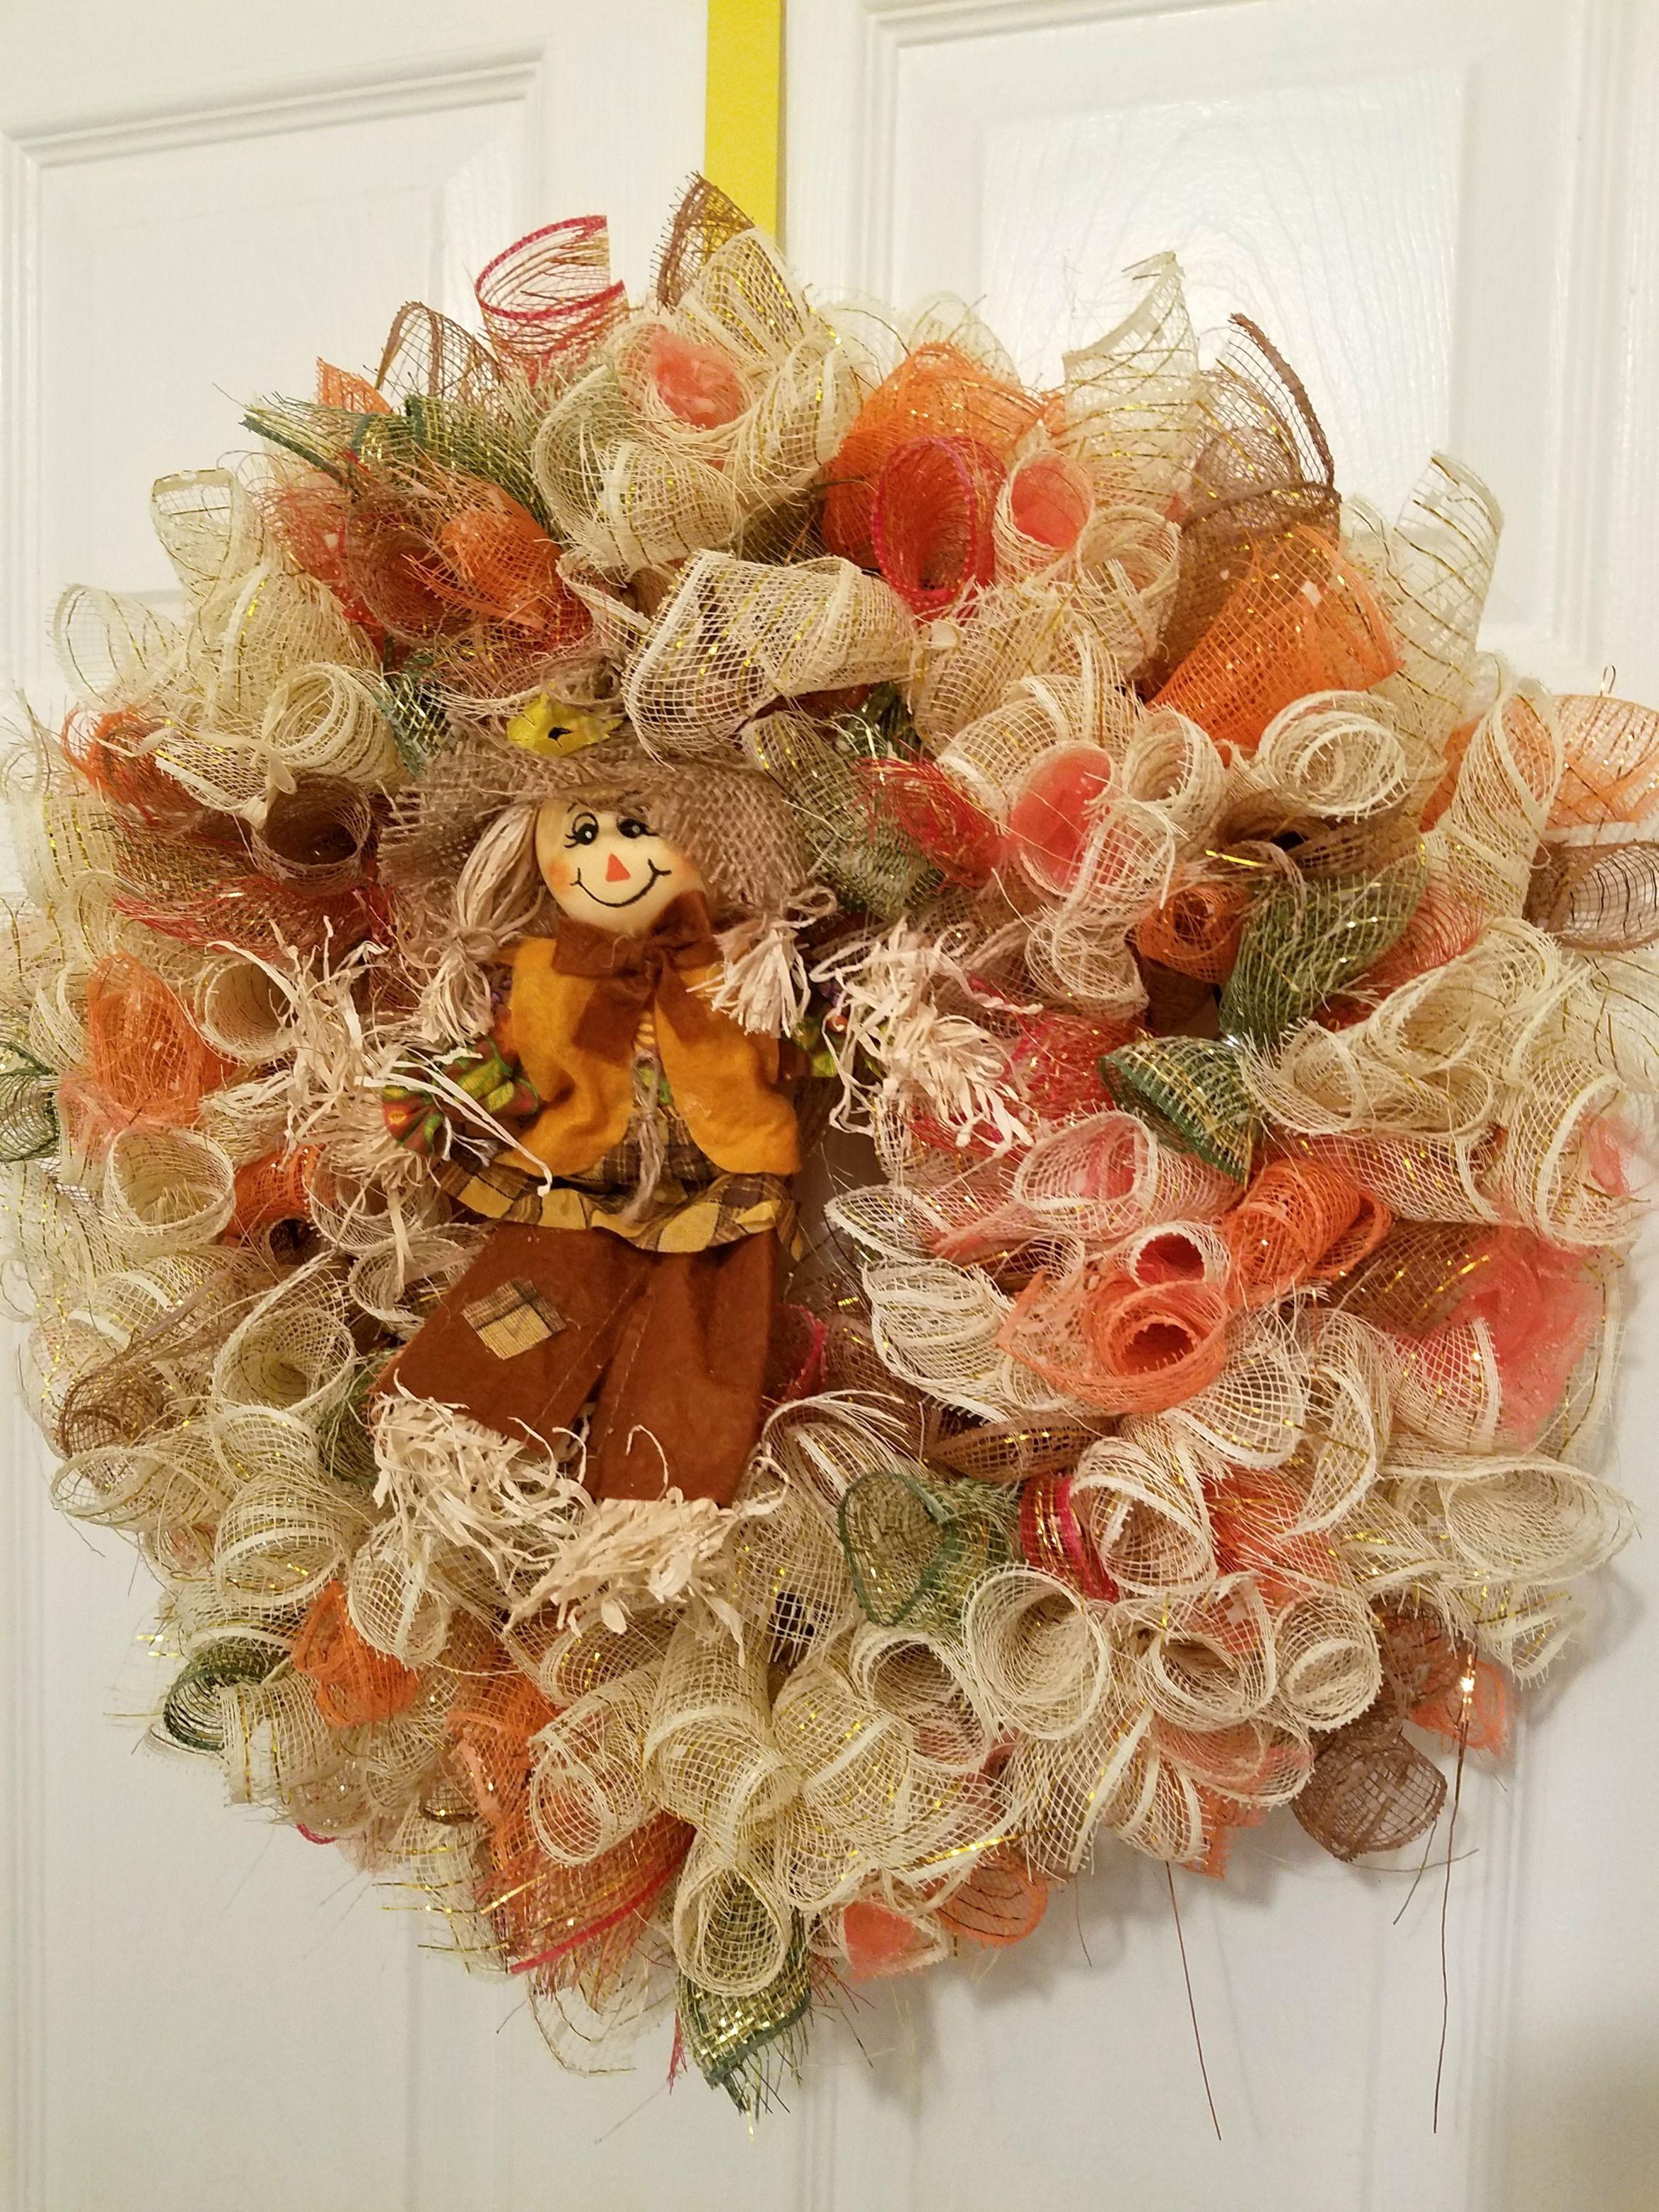 Deco Mesh Scarecrow Wreath - Fall Scarecrow Wreath - Fall